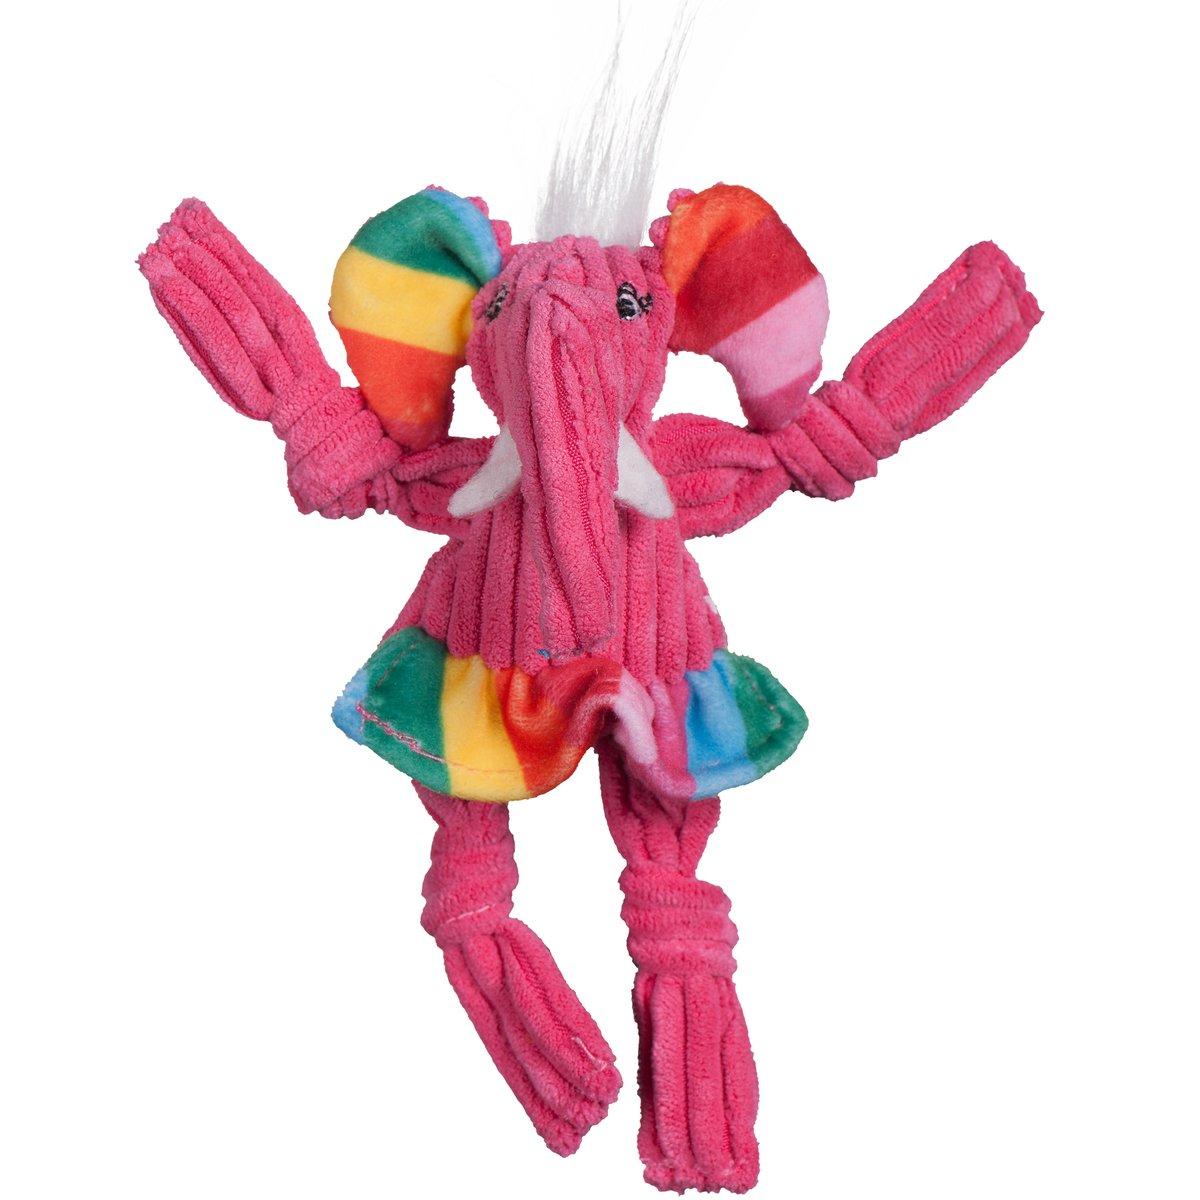 HuggleHounds Knottie Rainbow Elephant Plush Dog Toy Image